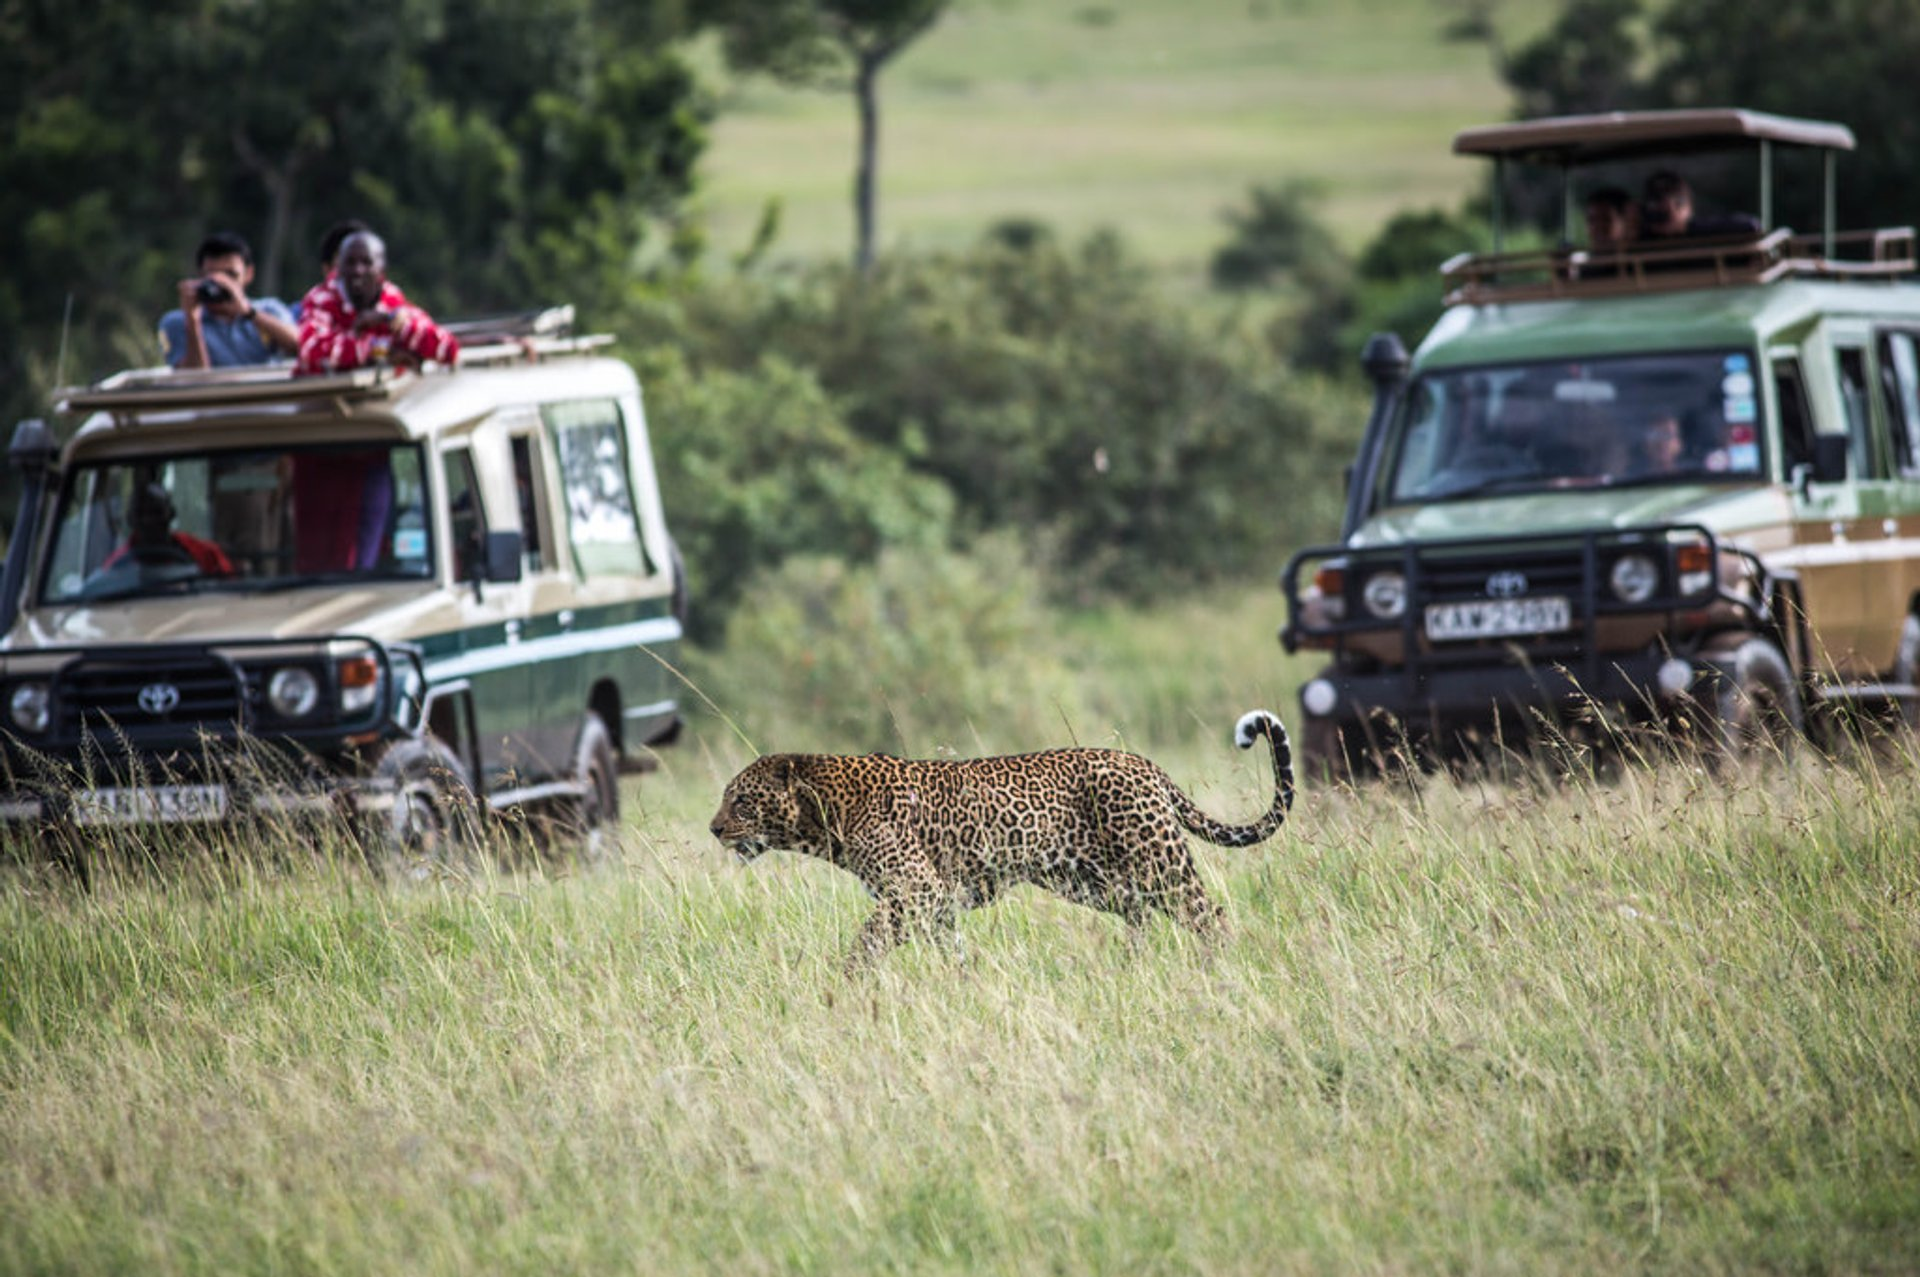 Safari Adventure in Kenya 2019 - Best Time